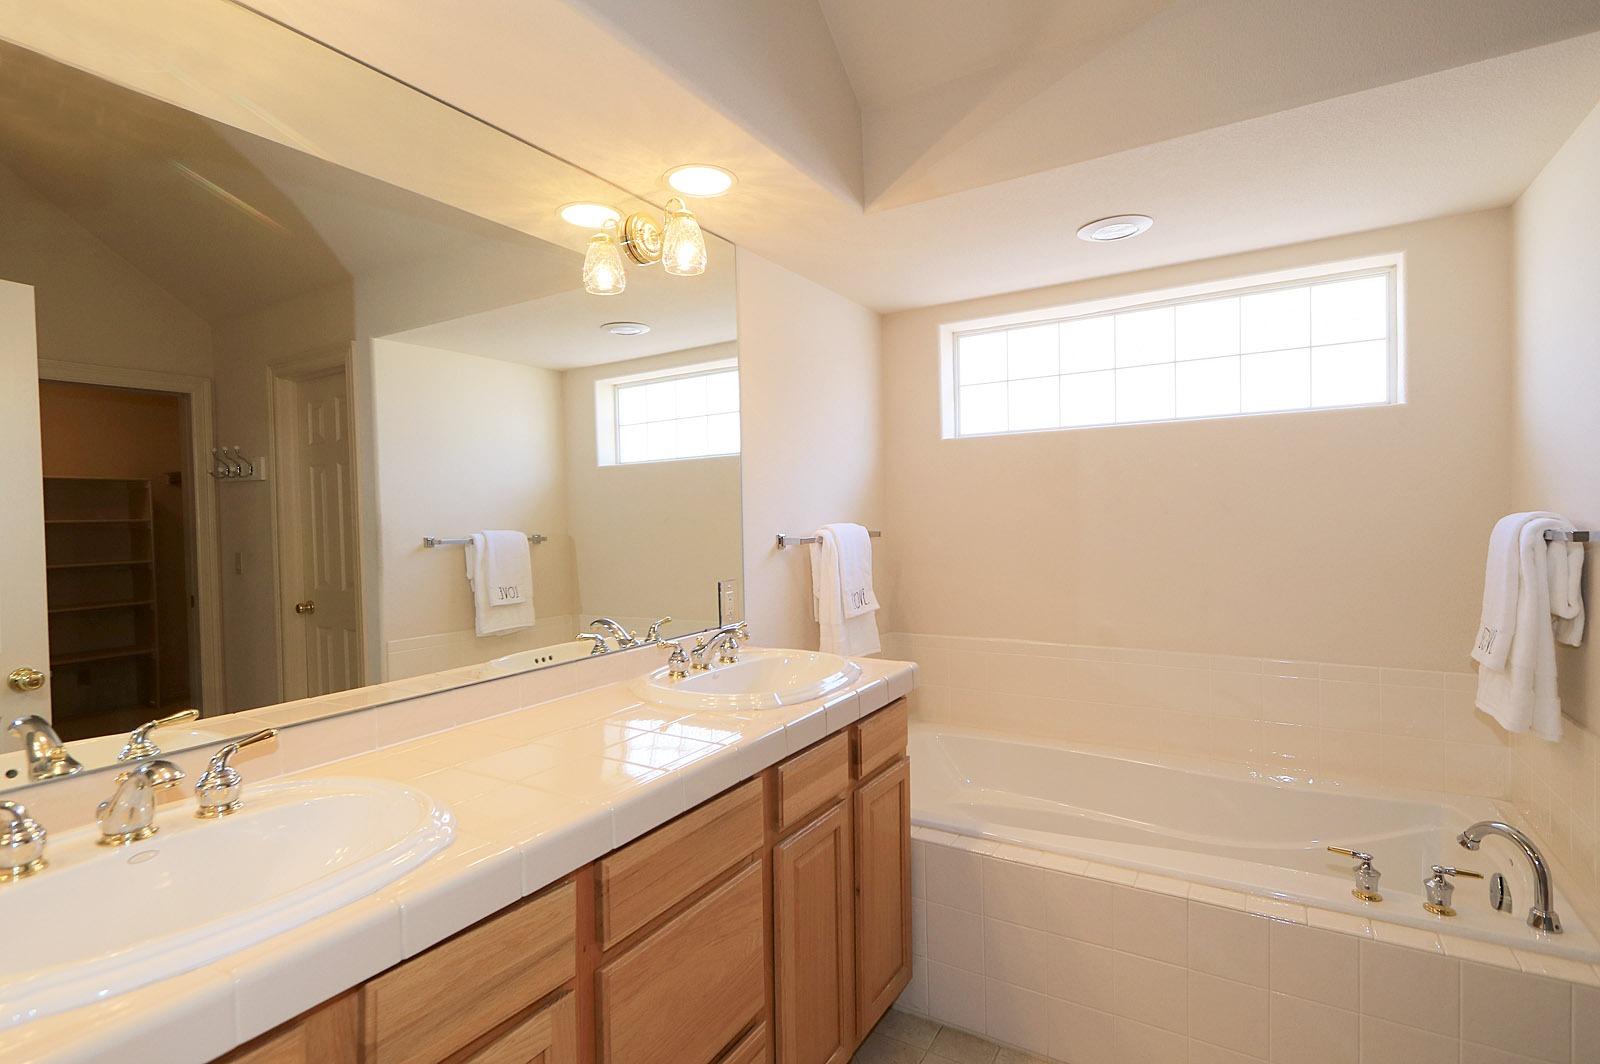 5-piece Bath Soaking Tub - Dbl. vanity